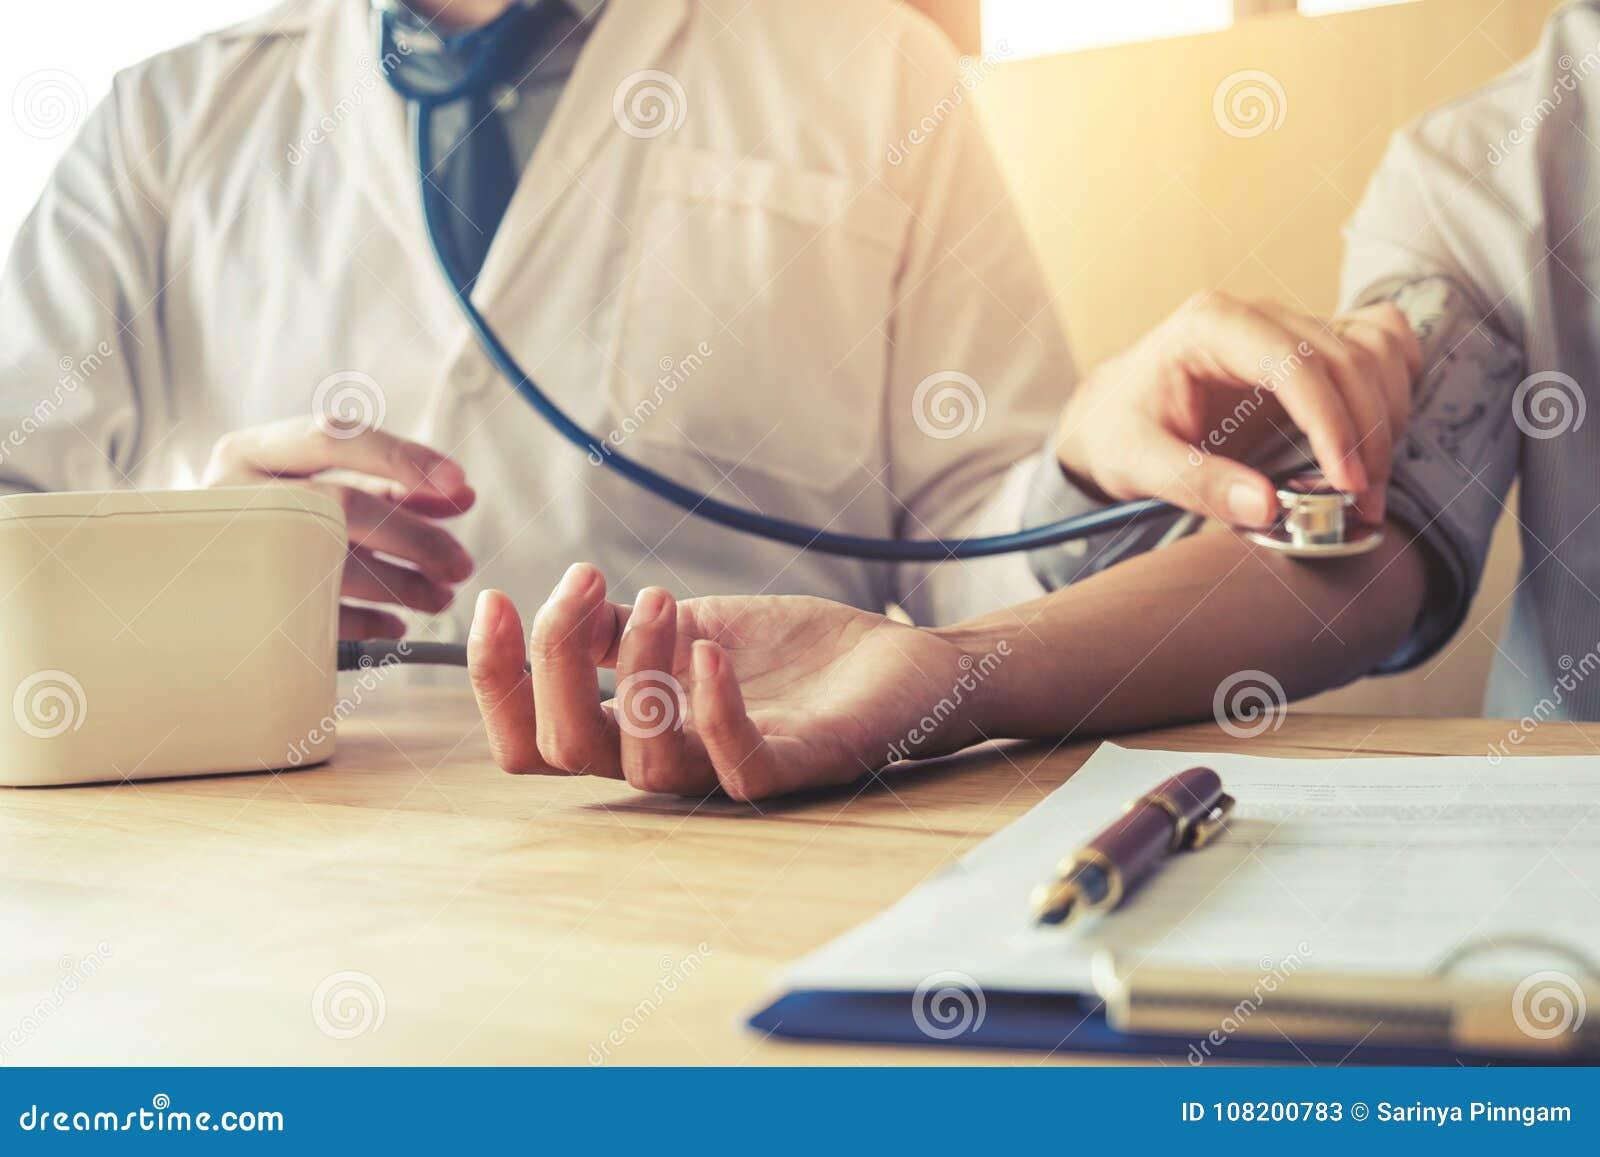 Soignez la patiente de femme de tension artérielle de sang artériel de Measuring sur le bras il